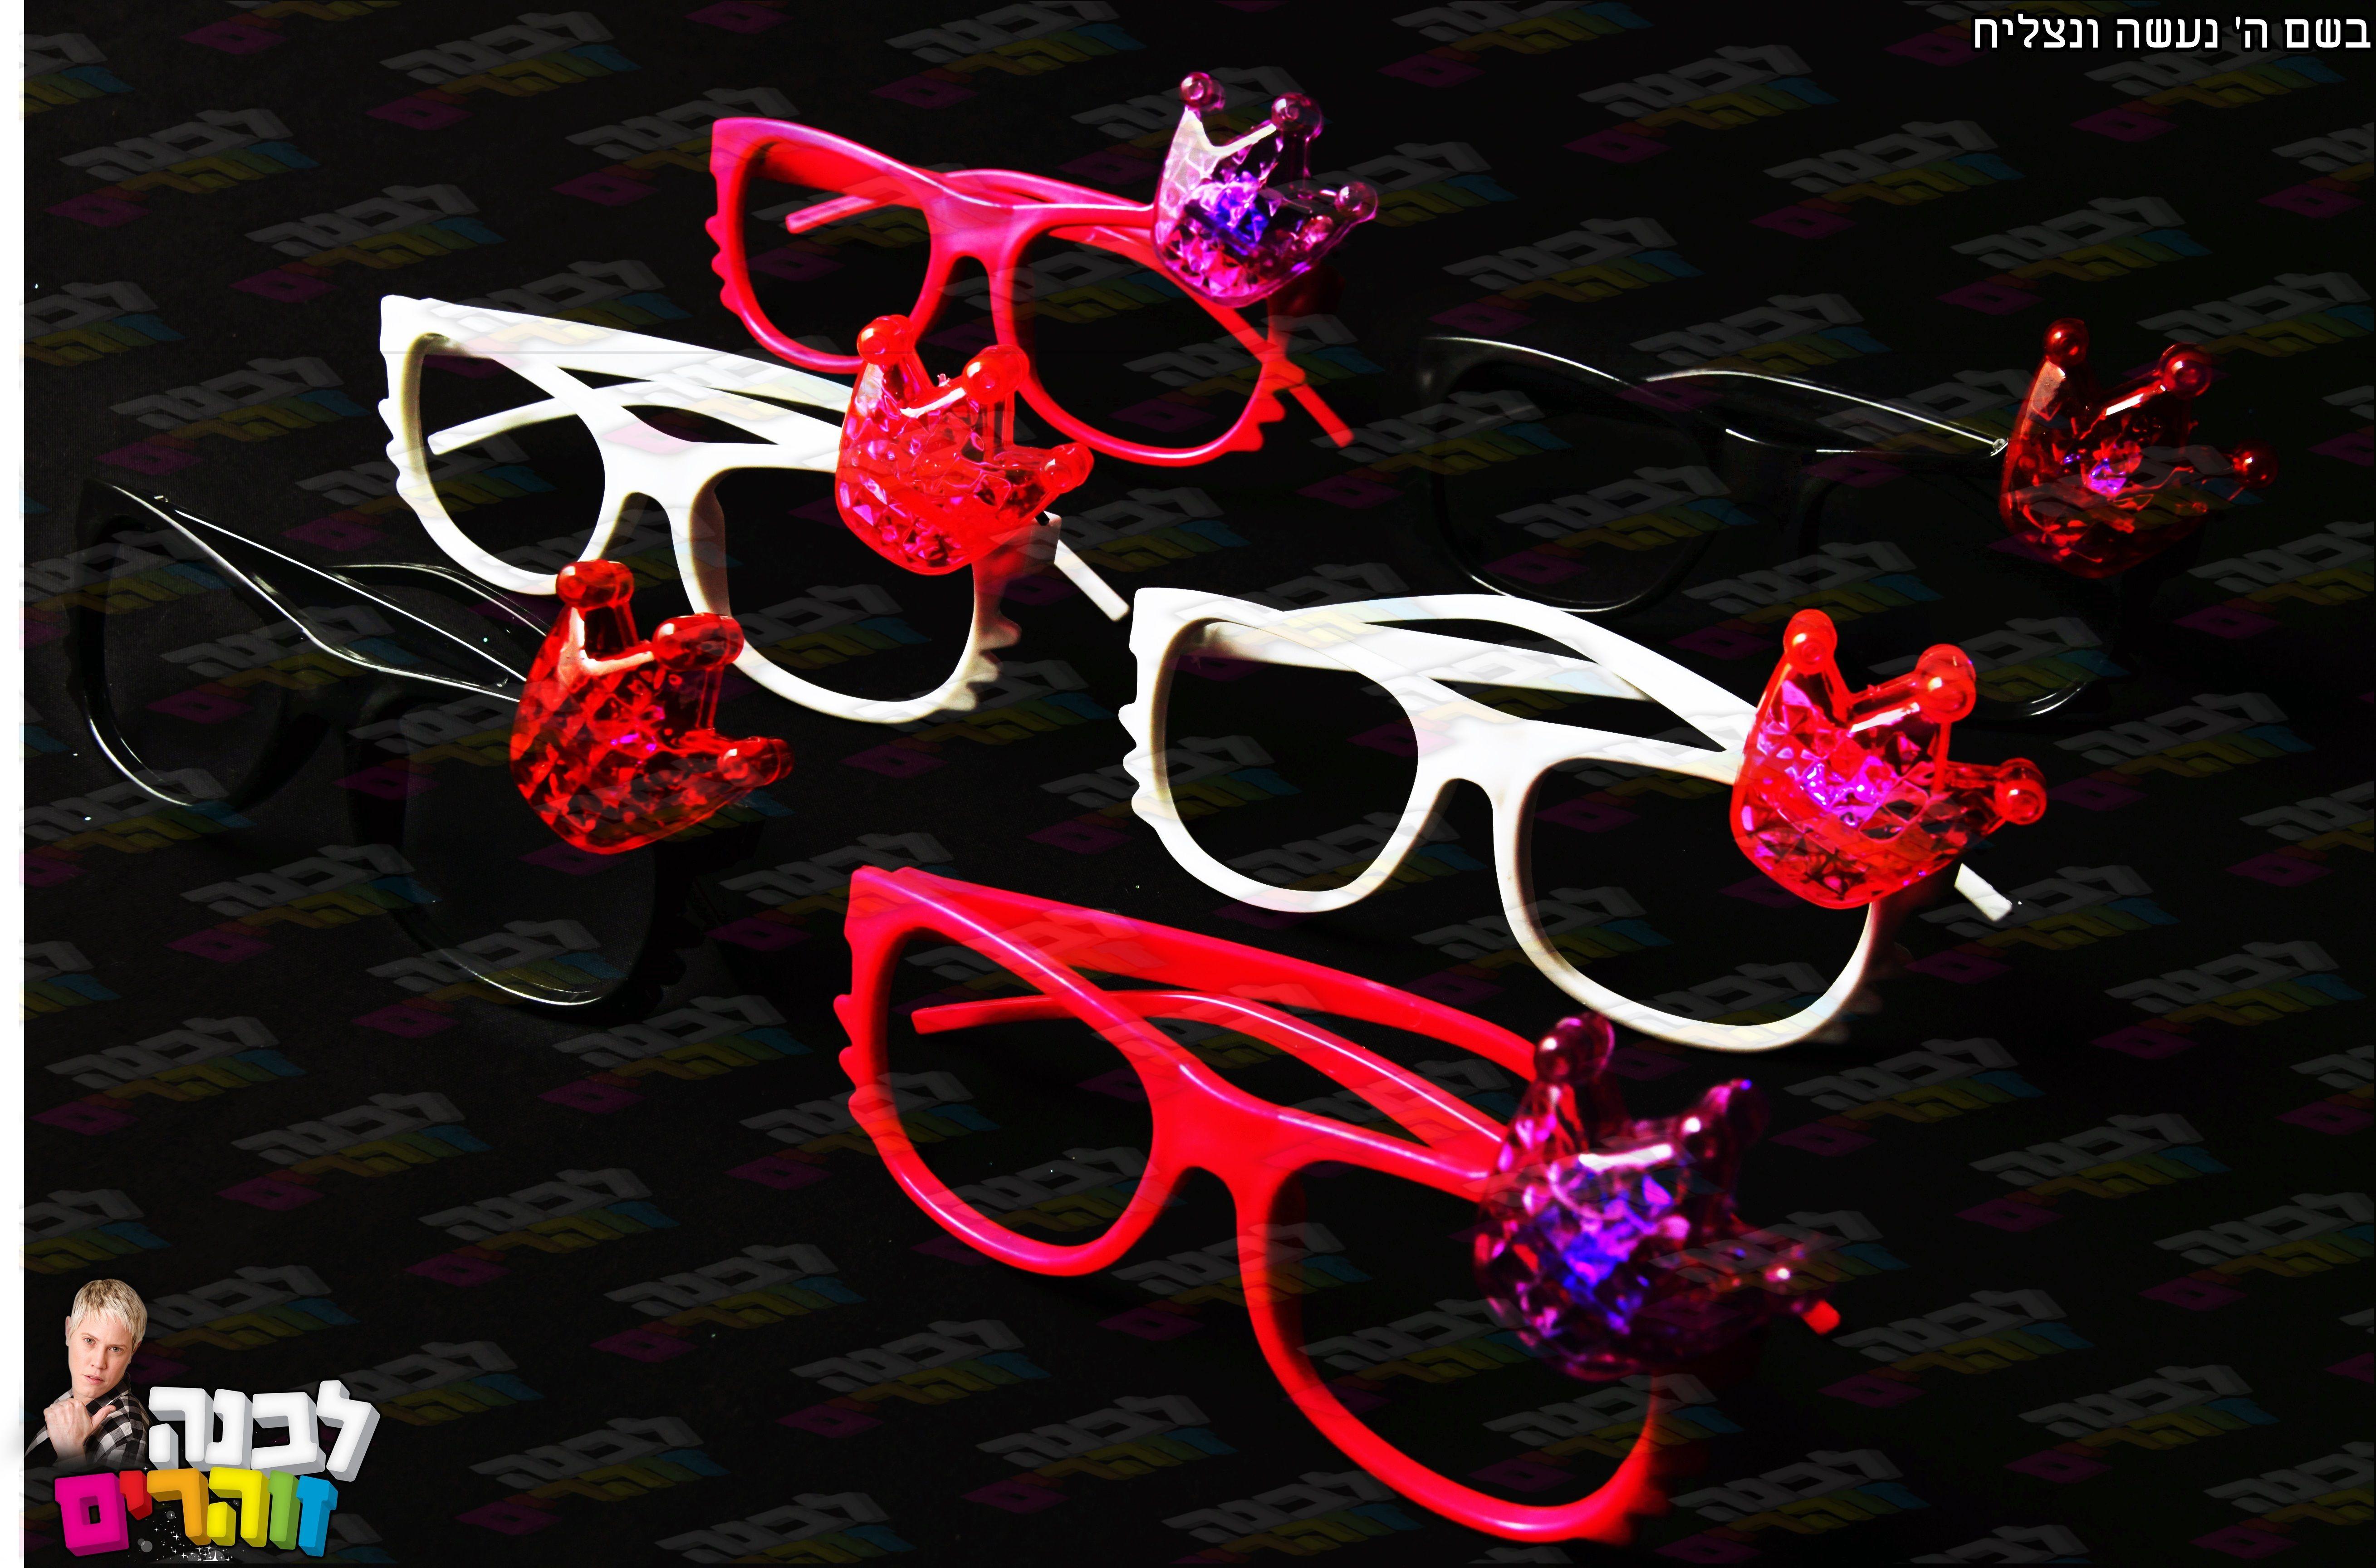 משקפיים כתר אורות